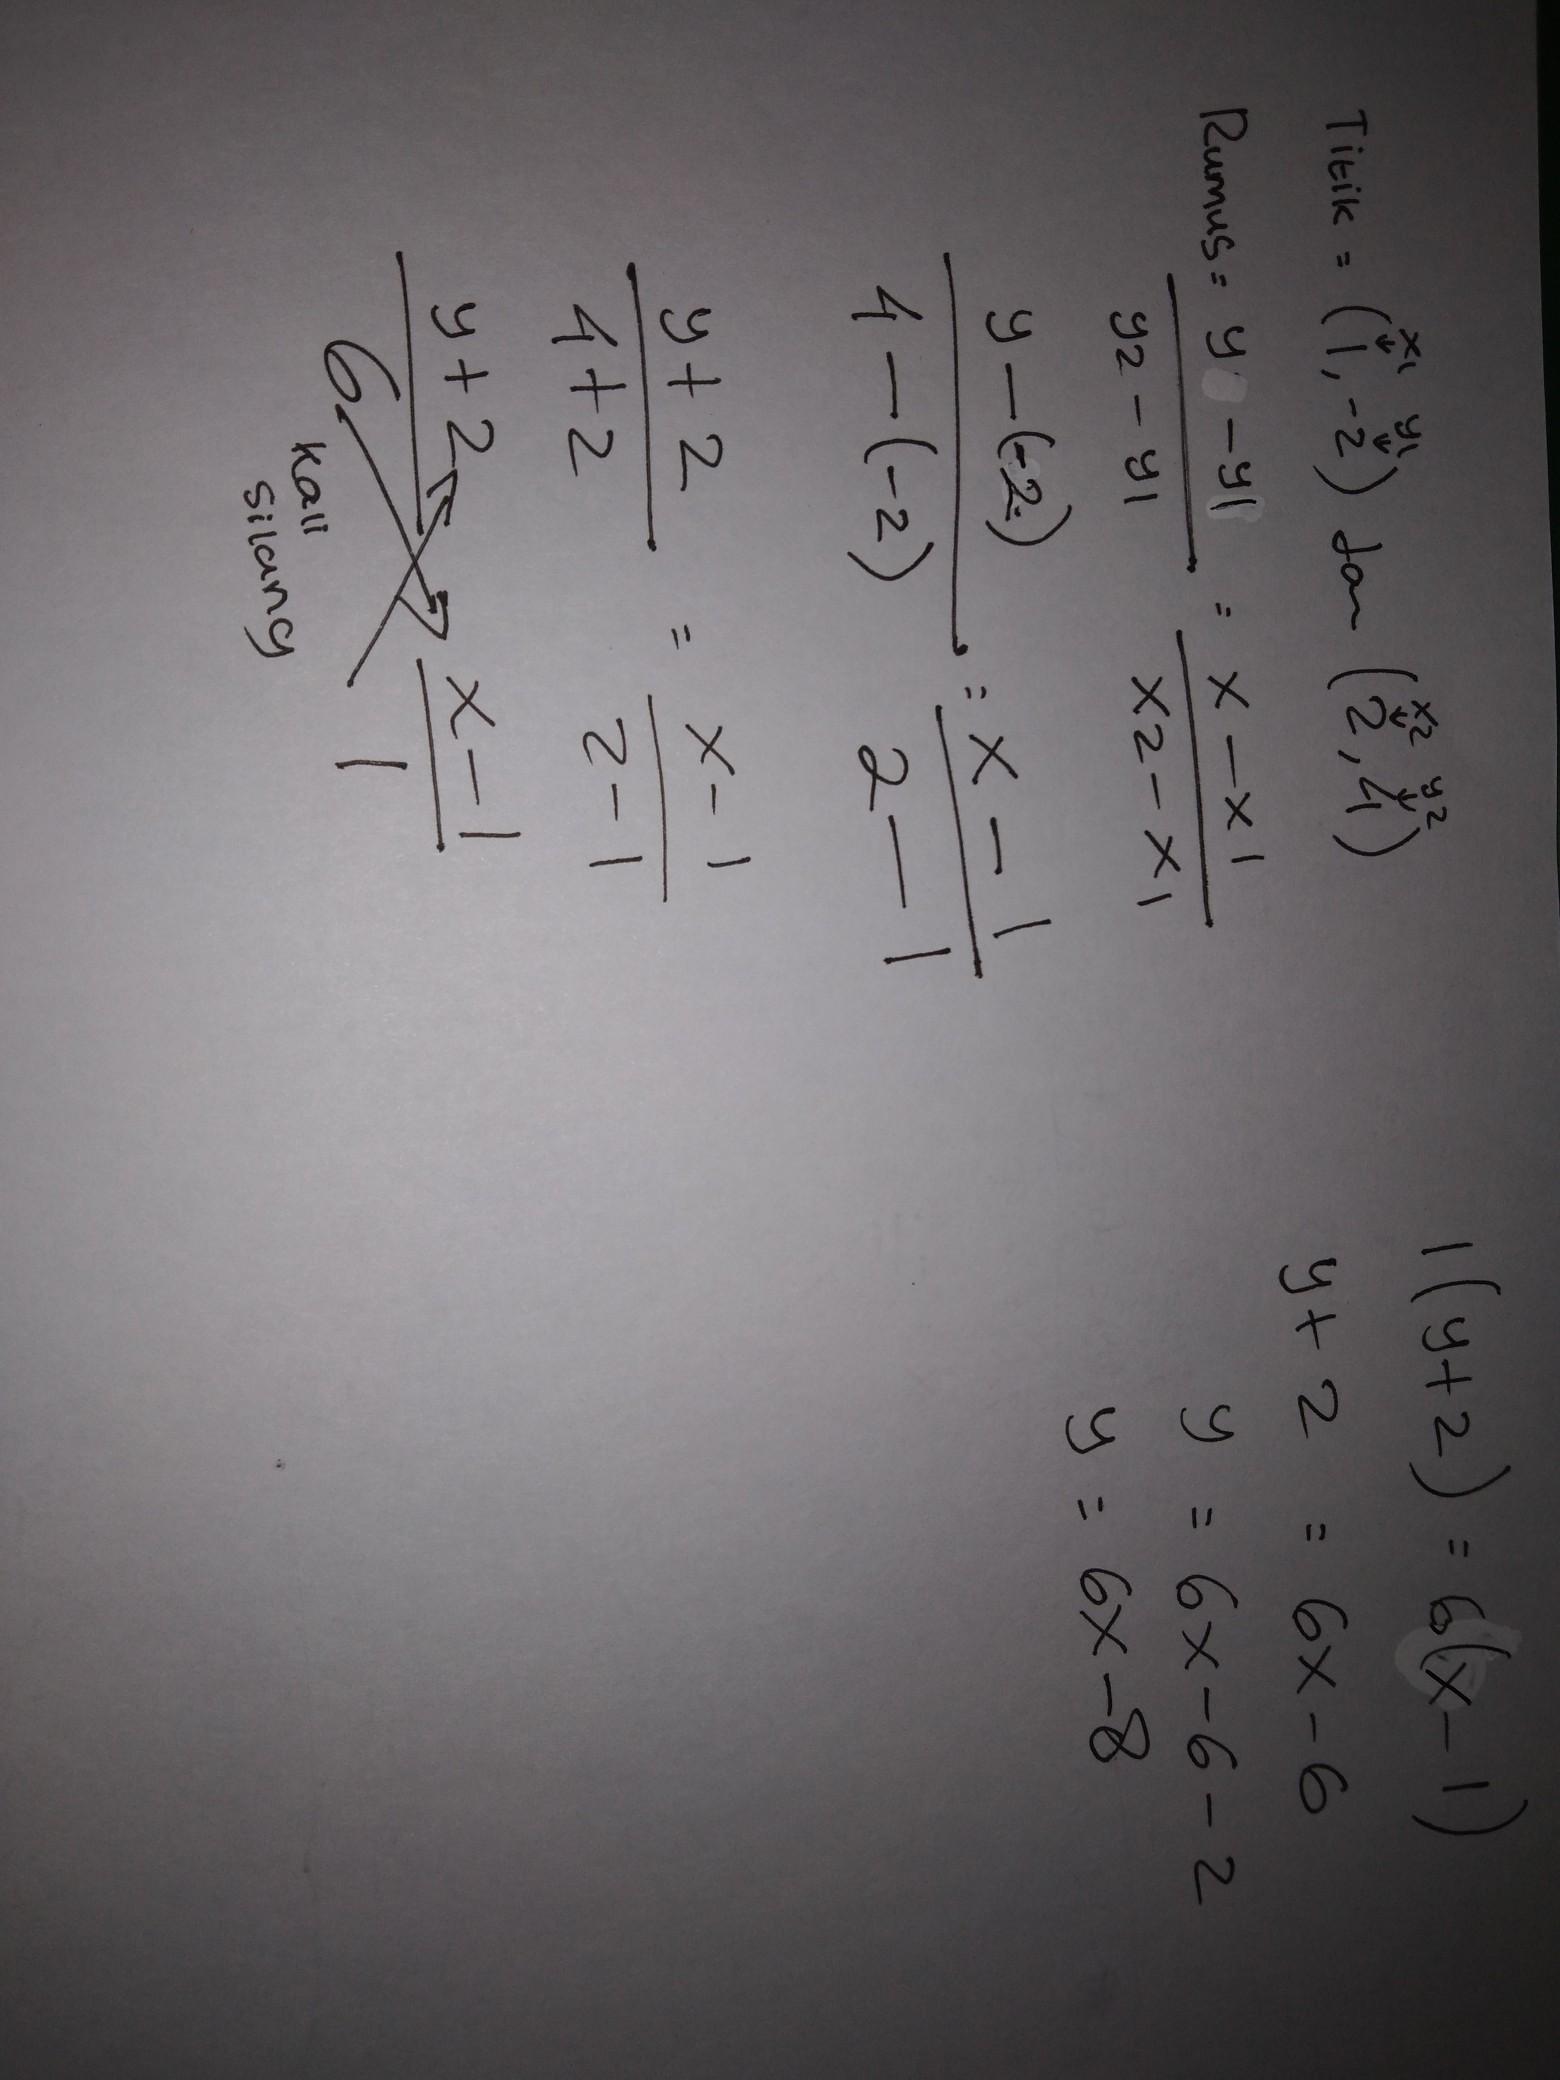 persamaan garis yg melalui titik (1,-2) dan titik (2,4 ...